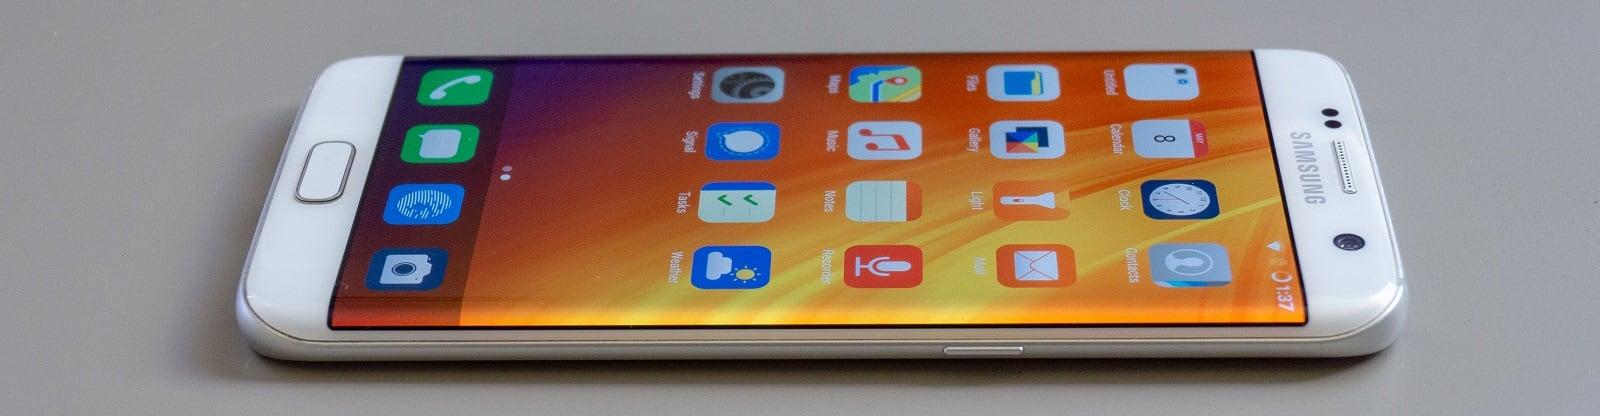 Smartfon z Androidem bez aplikacji Google? To możliwe dzięki /e/ foundation 22